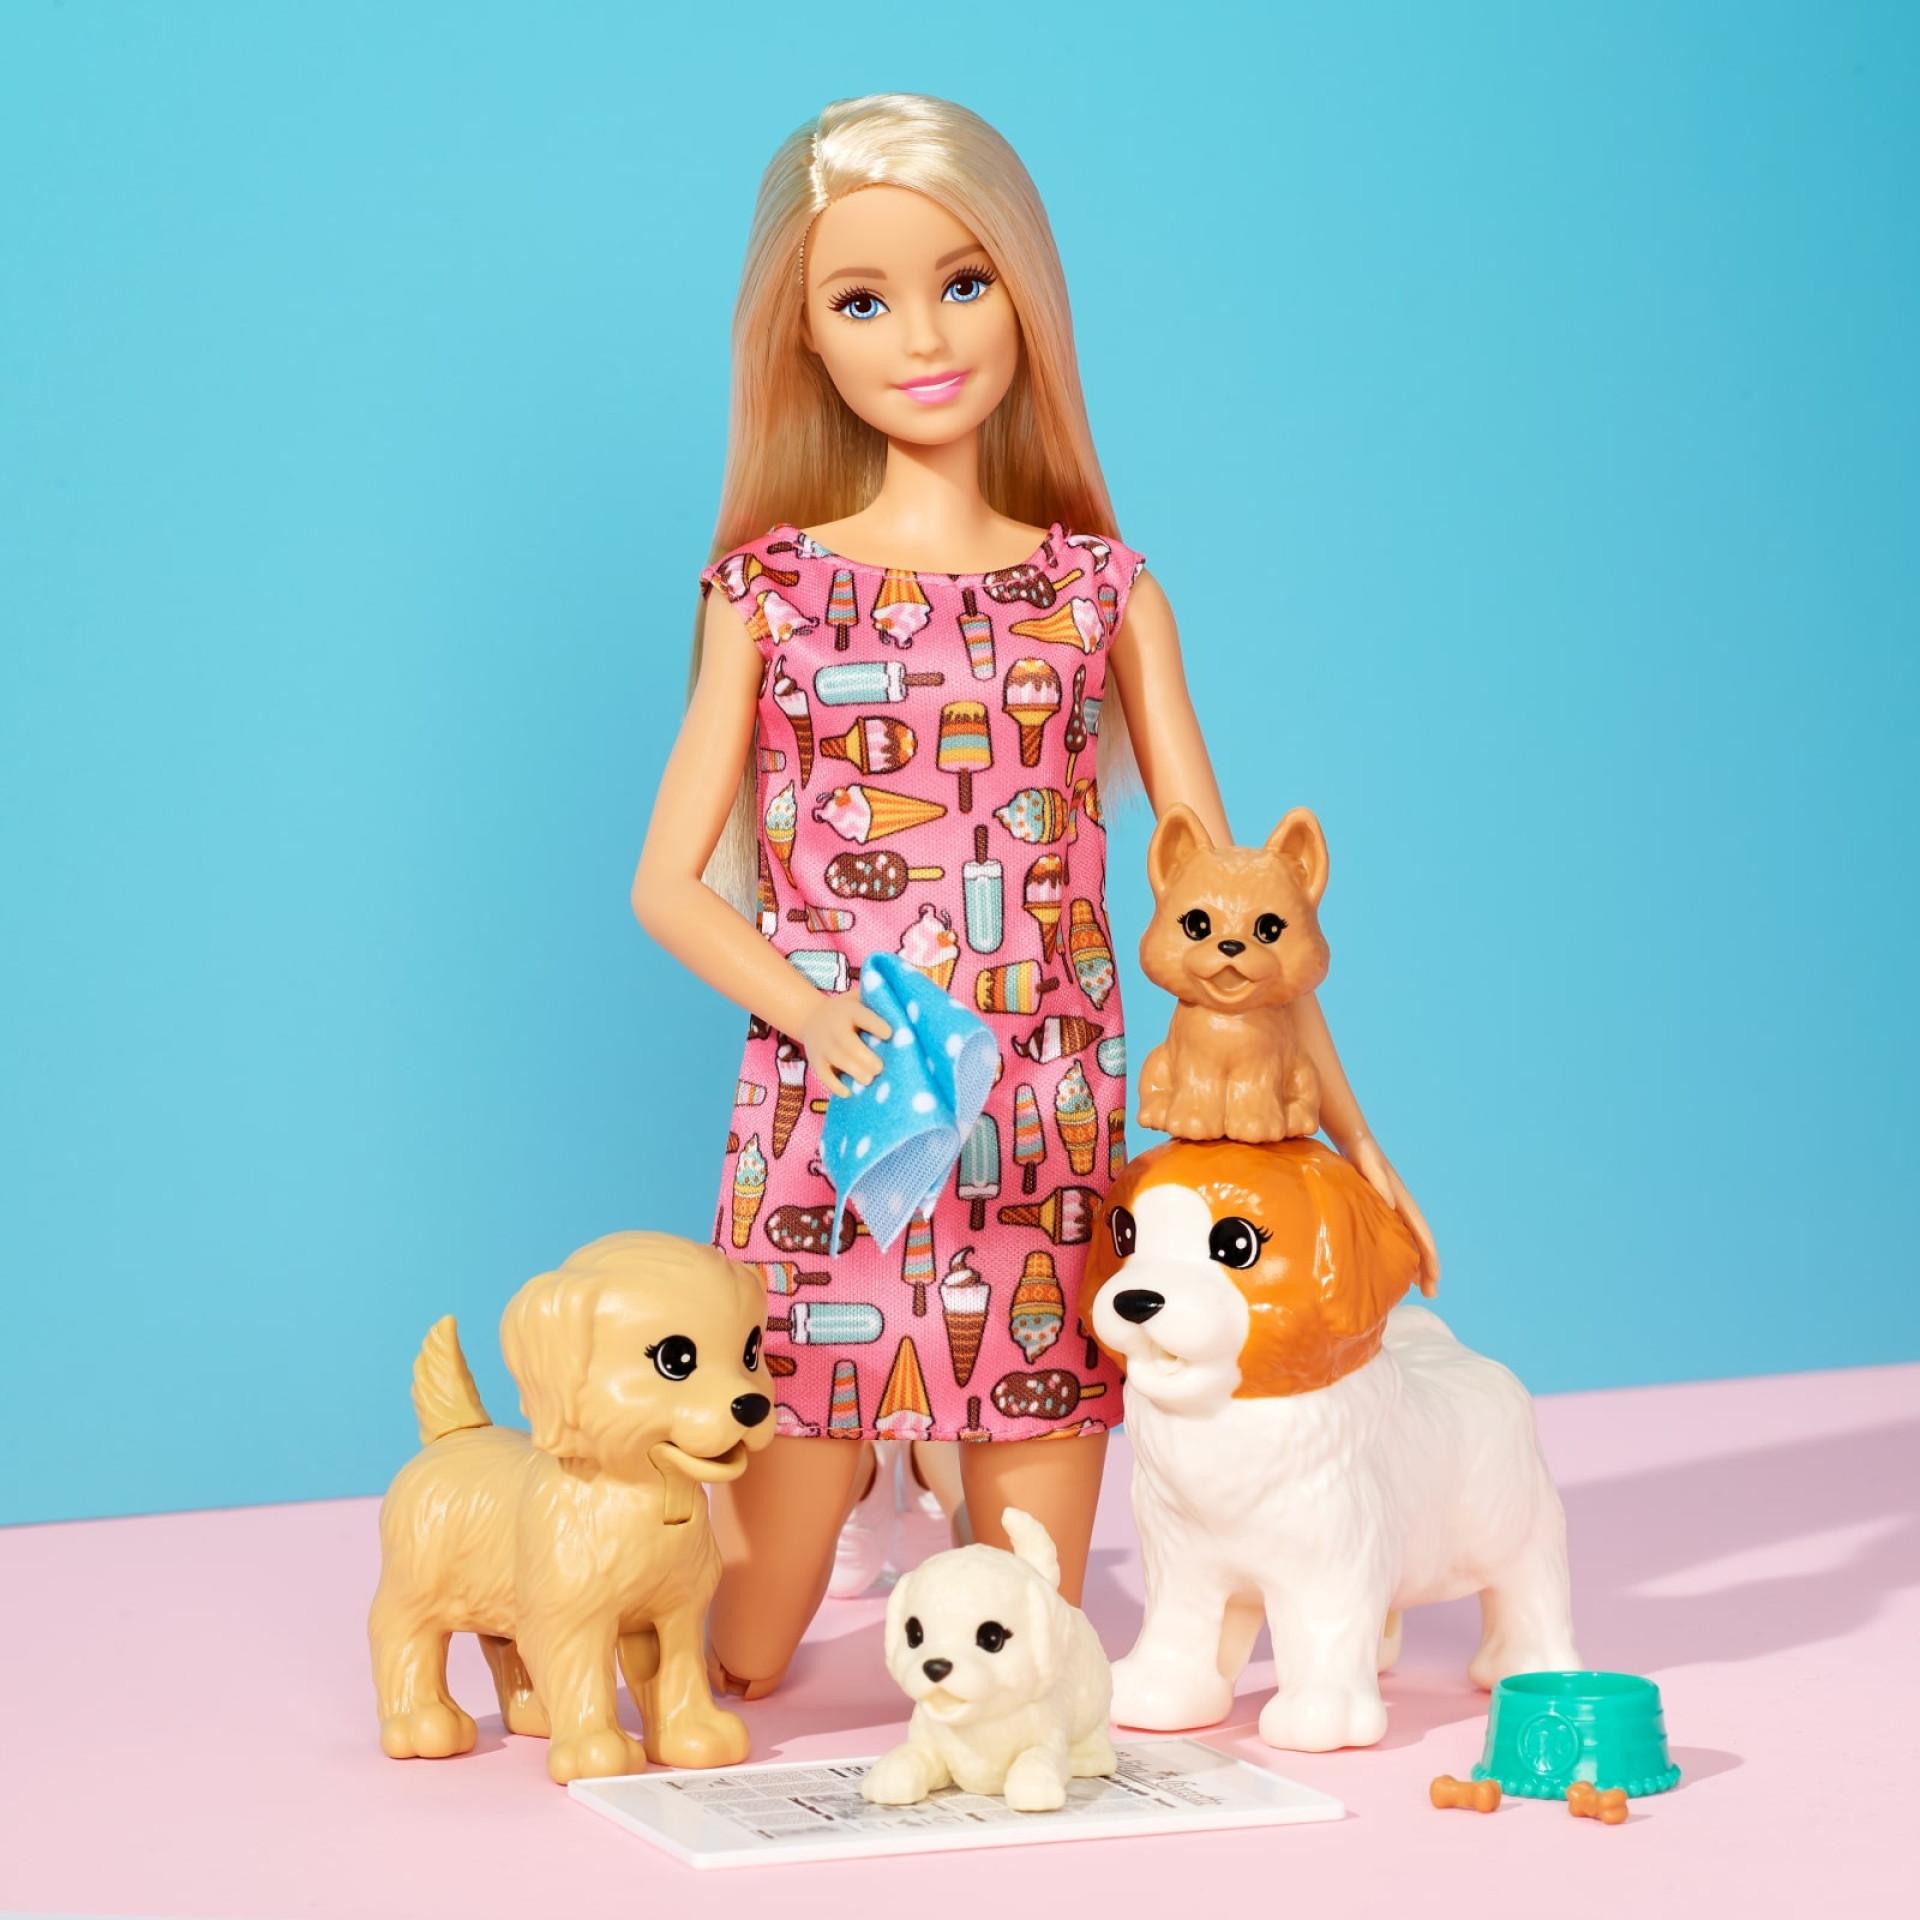 O Dia da Criança é quando a Barbie e a Mattel quiserem